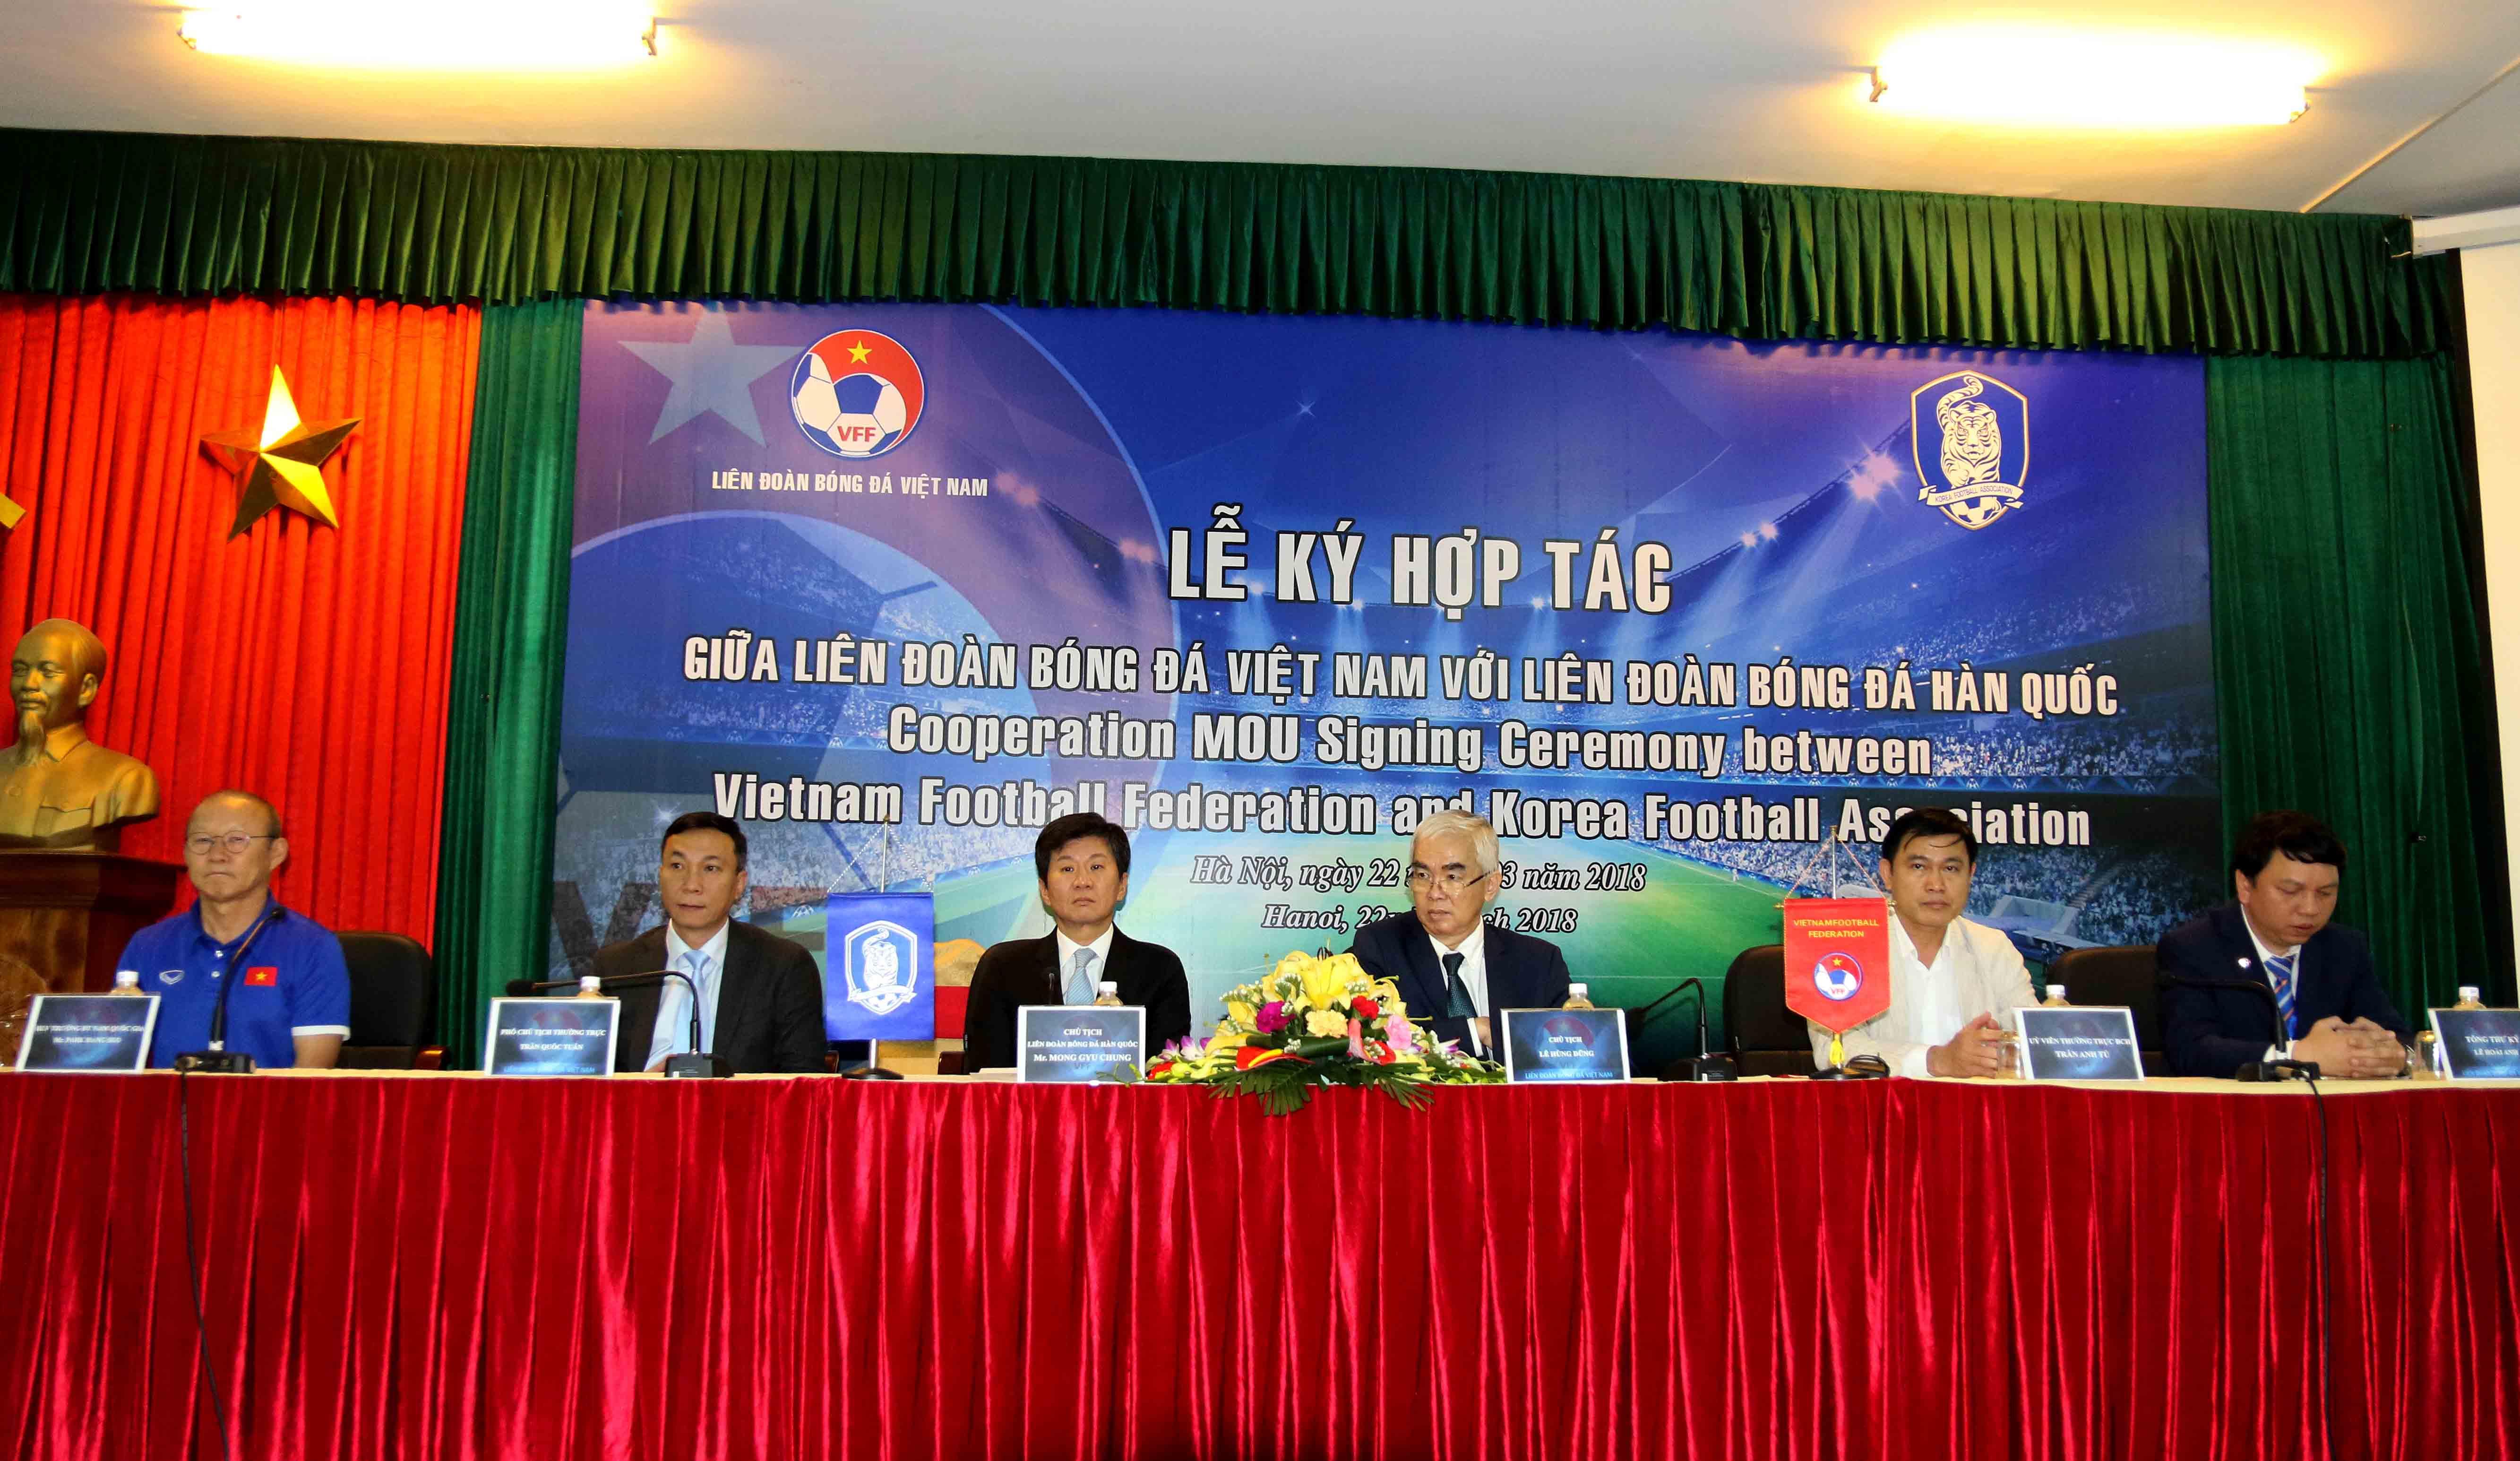 Chùm ảnh Lễ ký hợp tác giữa LĐBĐ Việt Nam và LĐBĐ Hàn Quốc